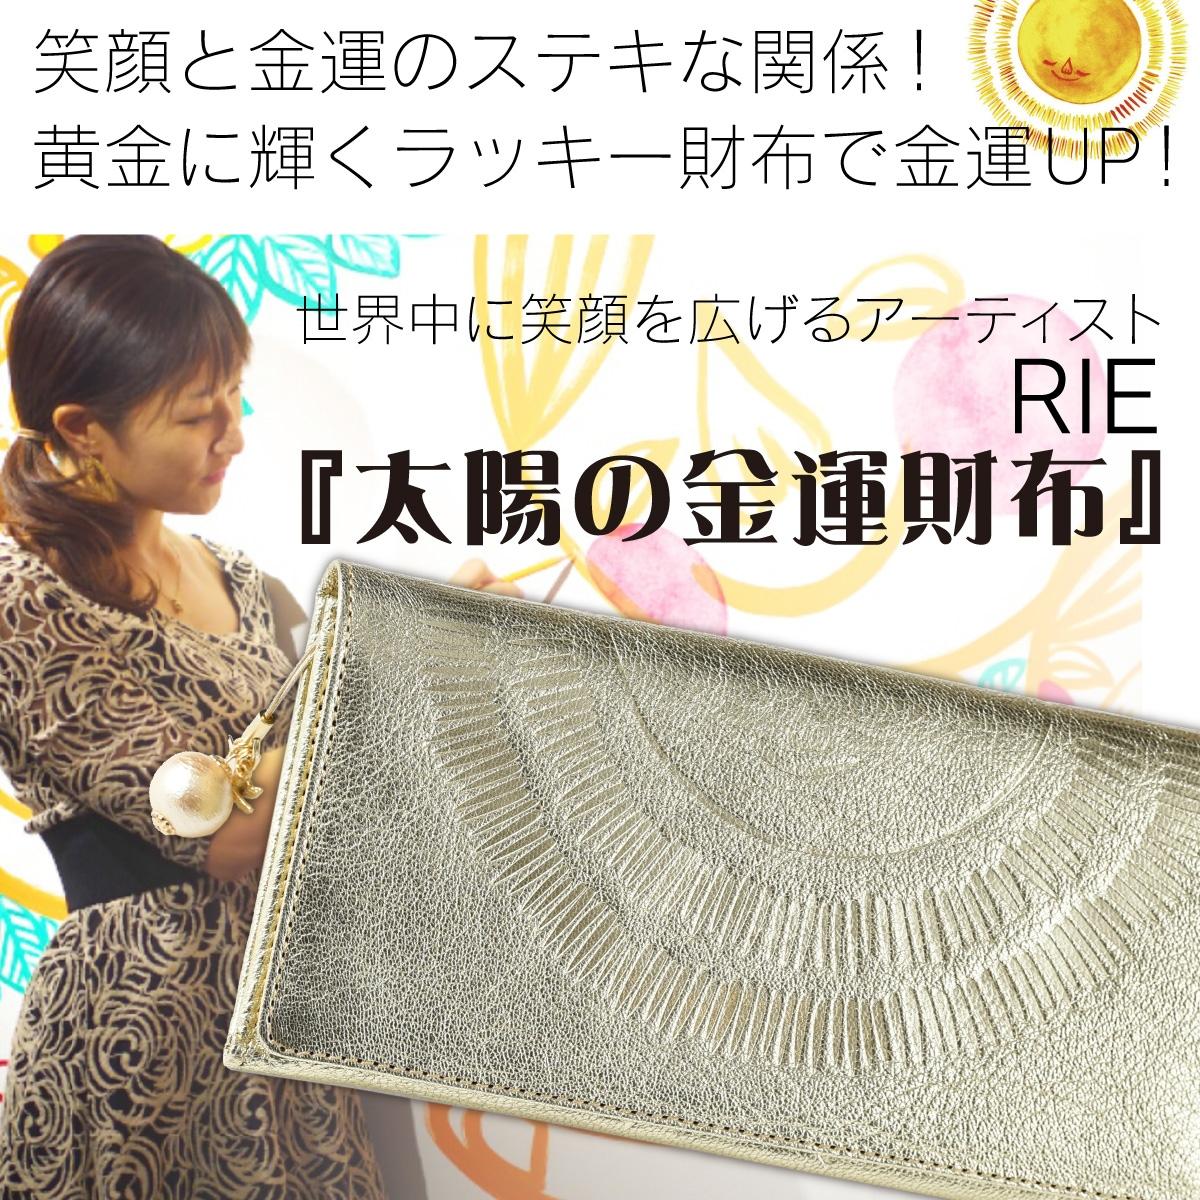 世界中に笑顔を広げるアーティスト RIEの『太陽の金運財布』 開運グッズ